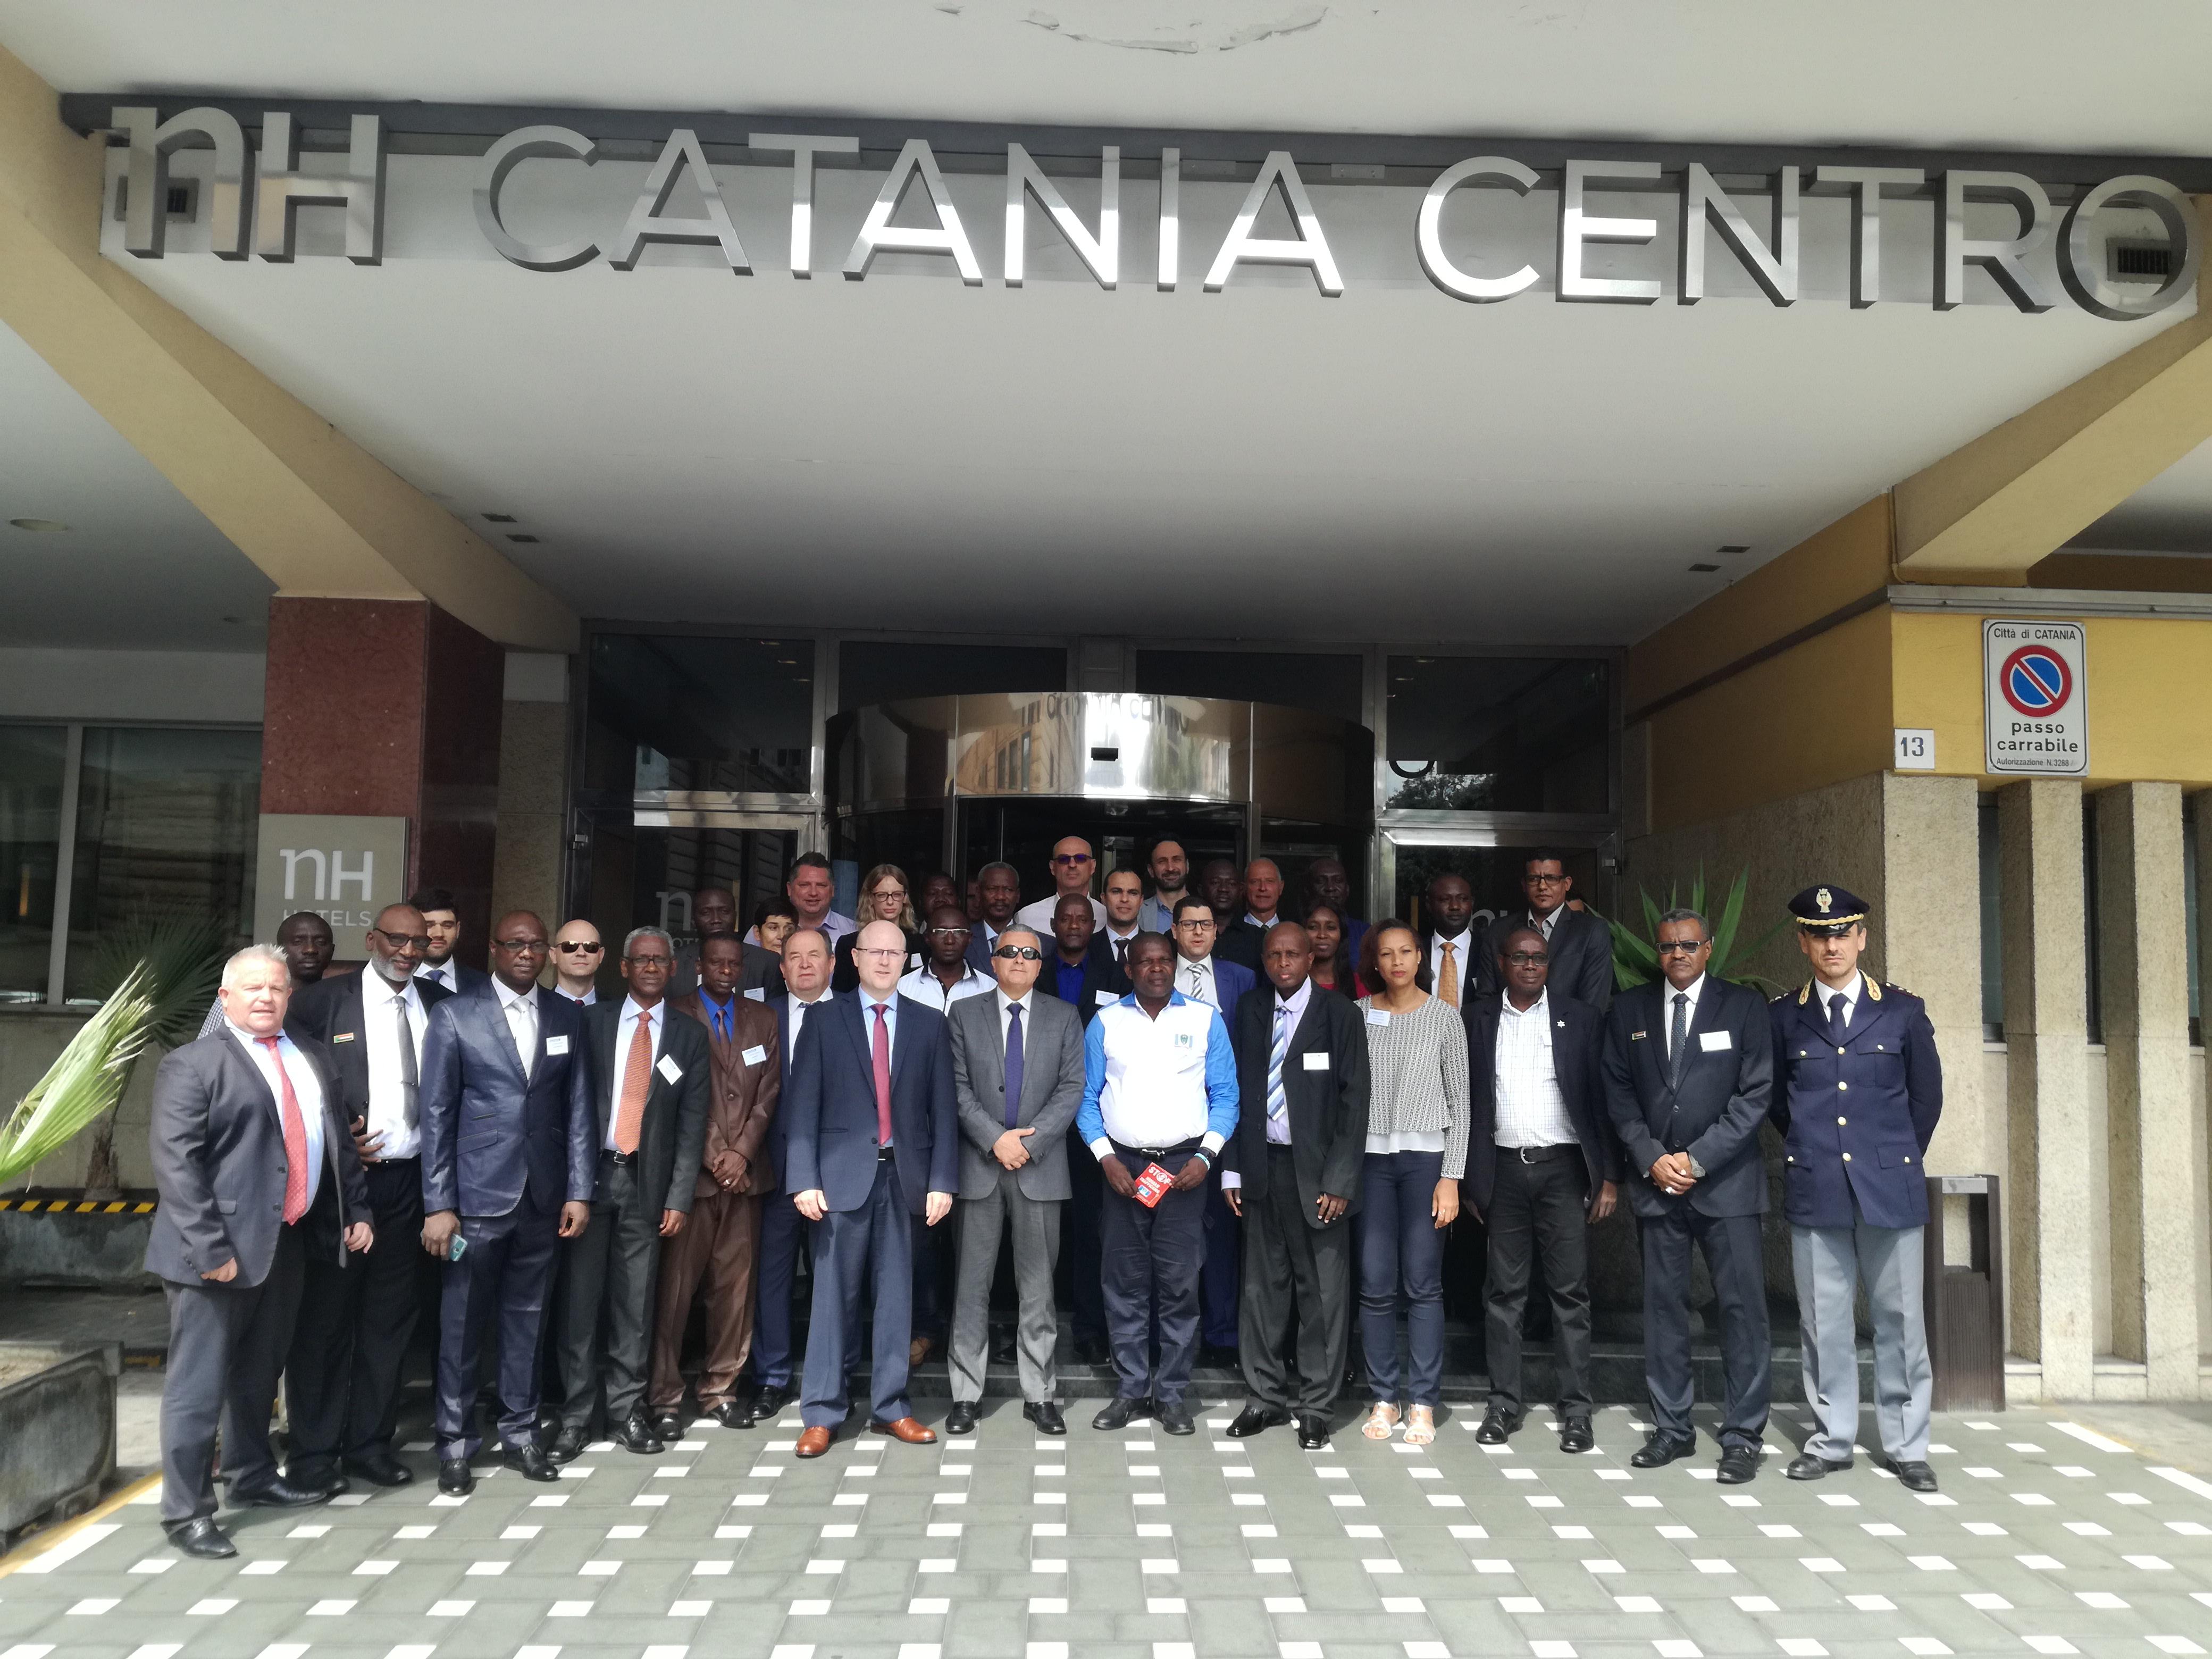 Ufficio Passaporti A Catania : È tempo di vacanze tutti in fila per il passaporto cronaca